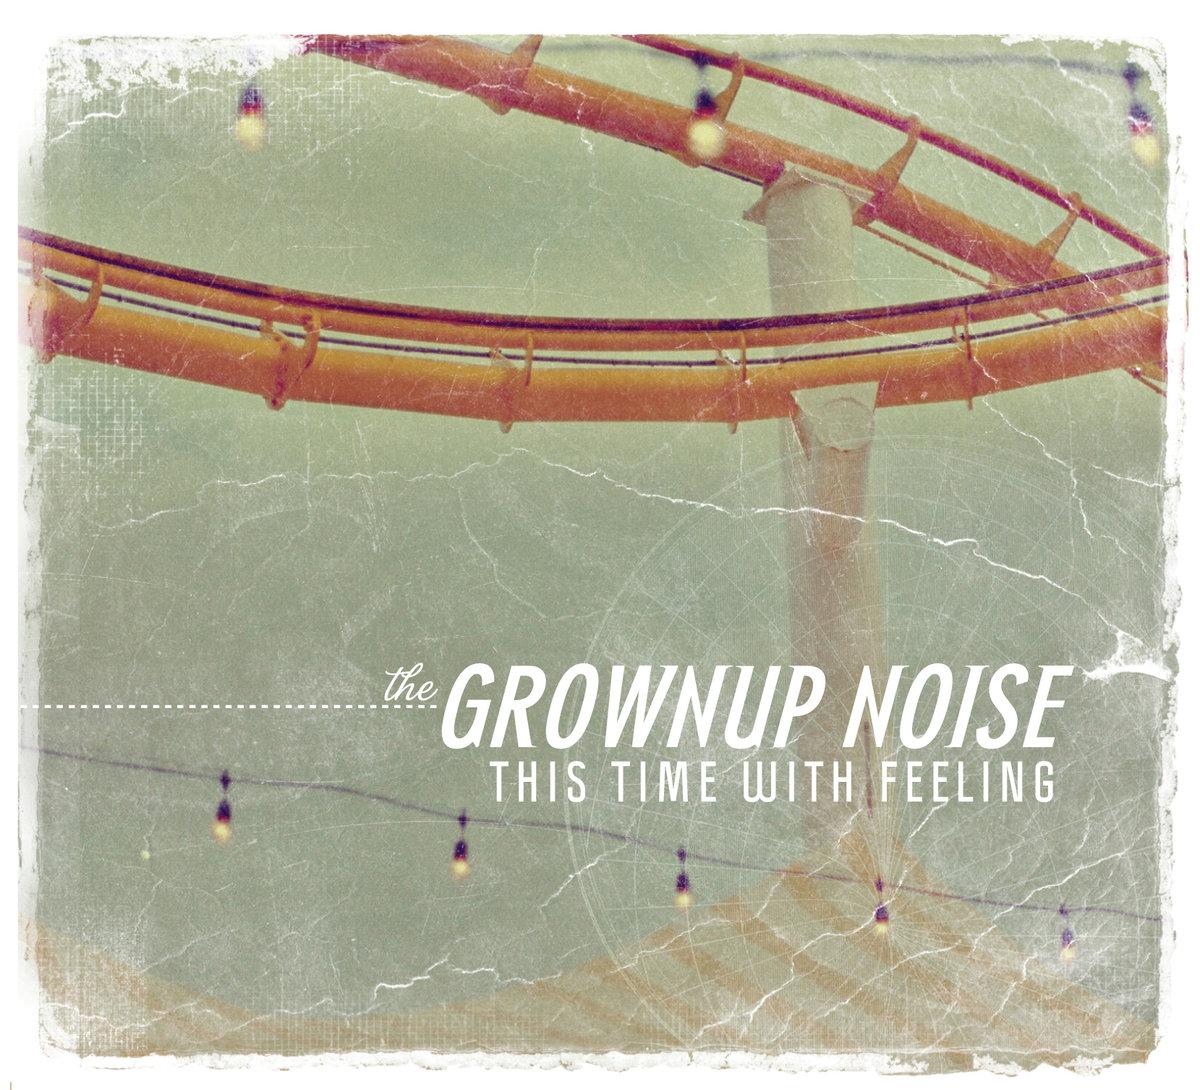 groundupnoise.jpg